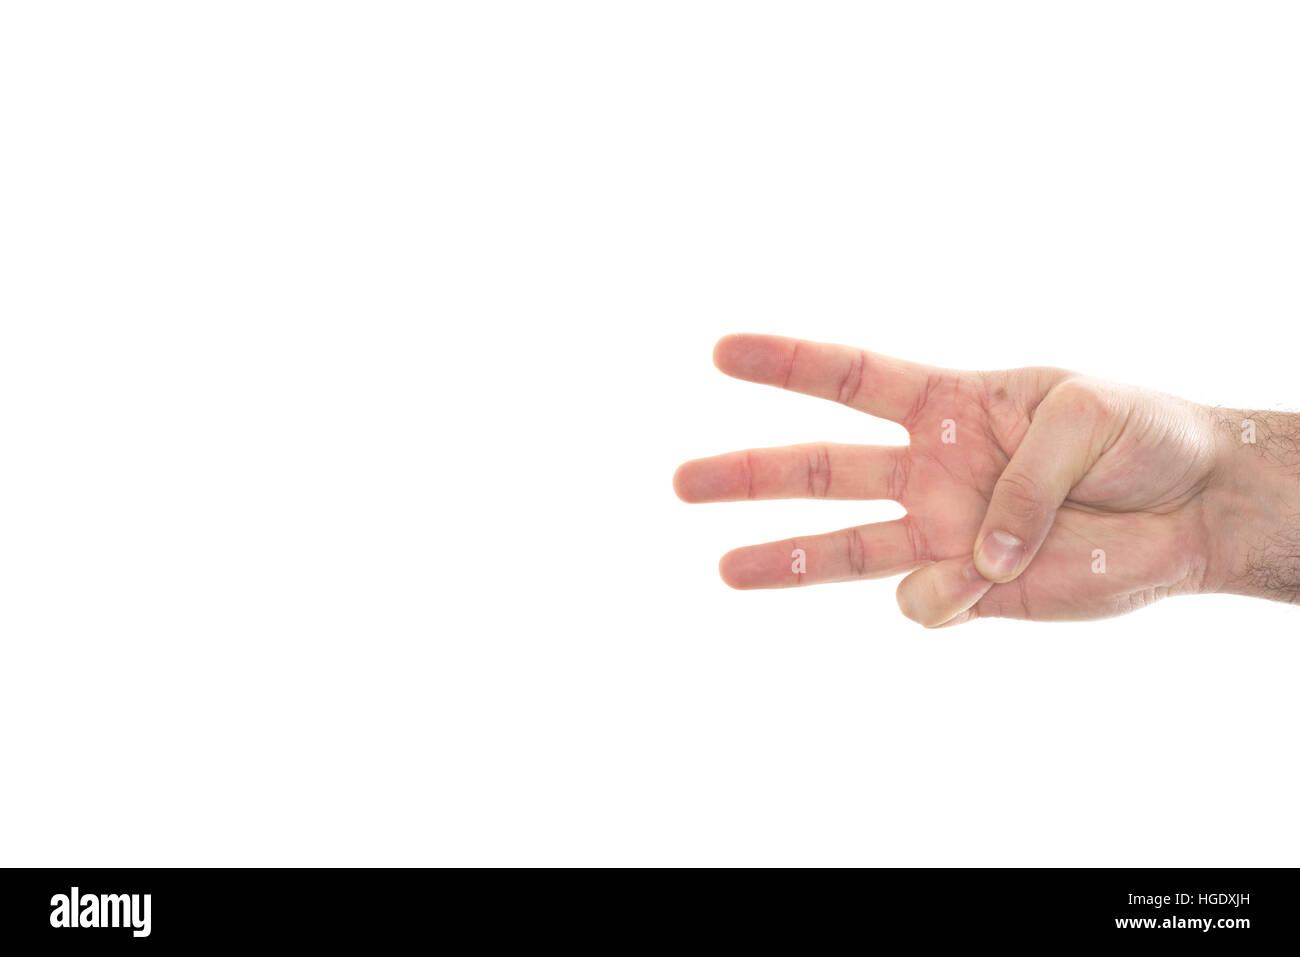 Part montrant trois doigts pour compter et indiquant les nombres. Photo Stock